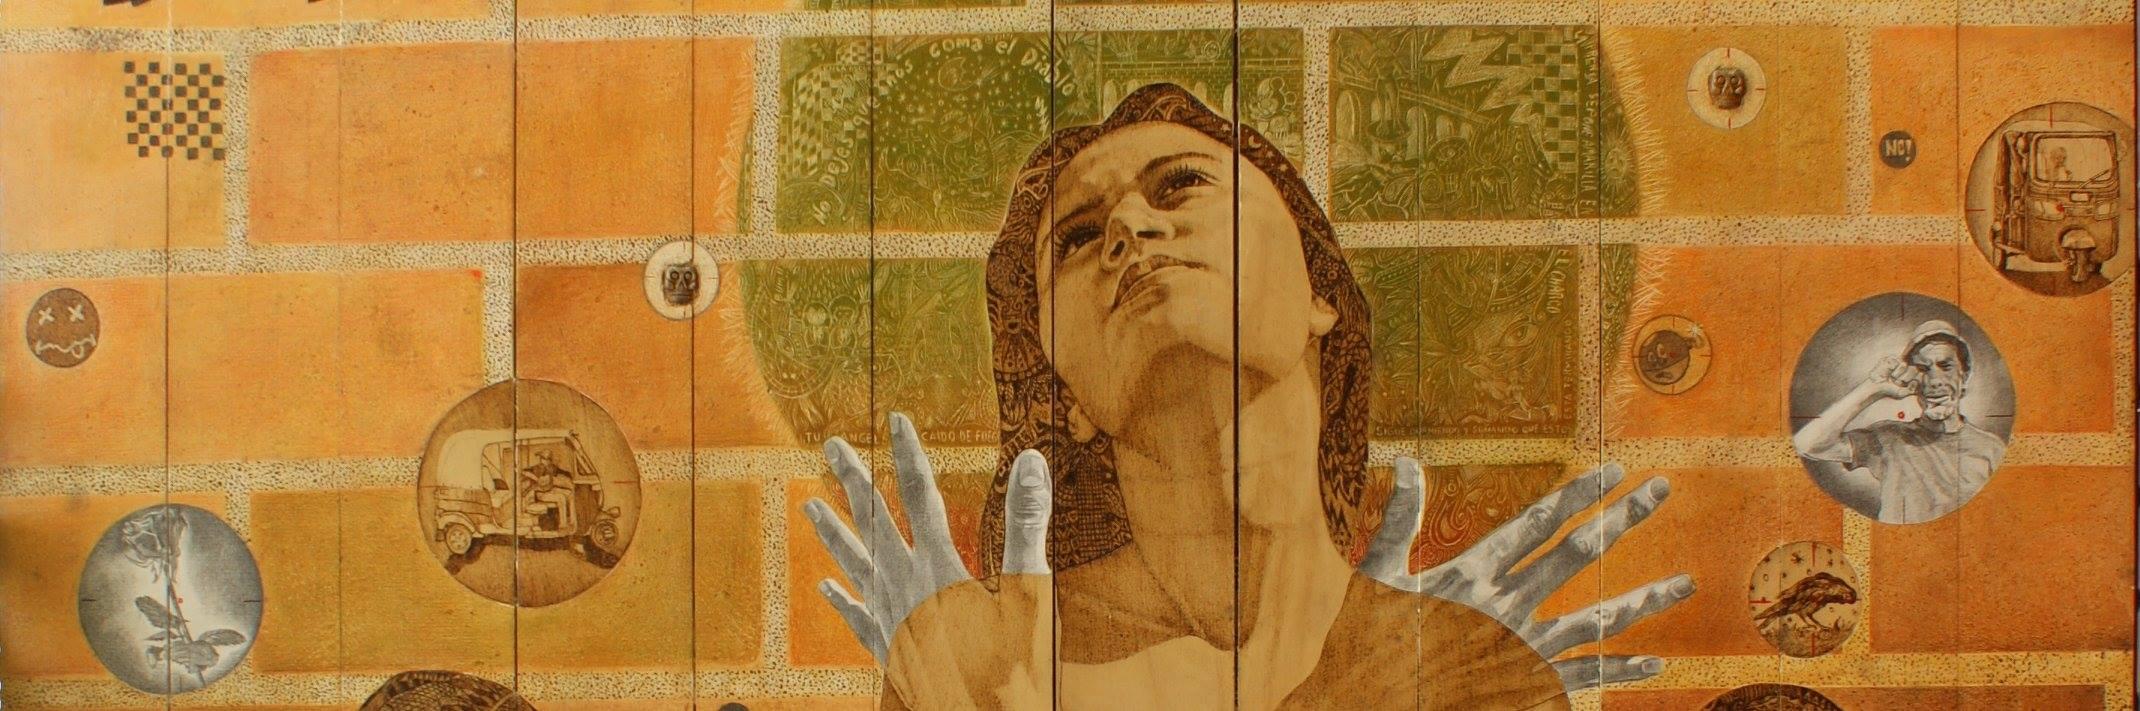 Tu ángel de fuego detalle 2 - Alex Cuchilla - El Salvador